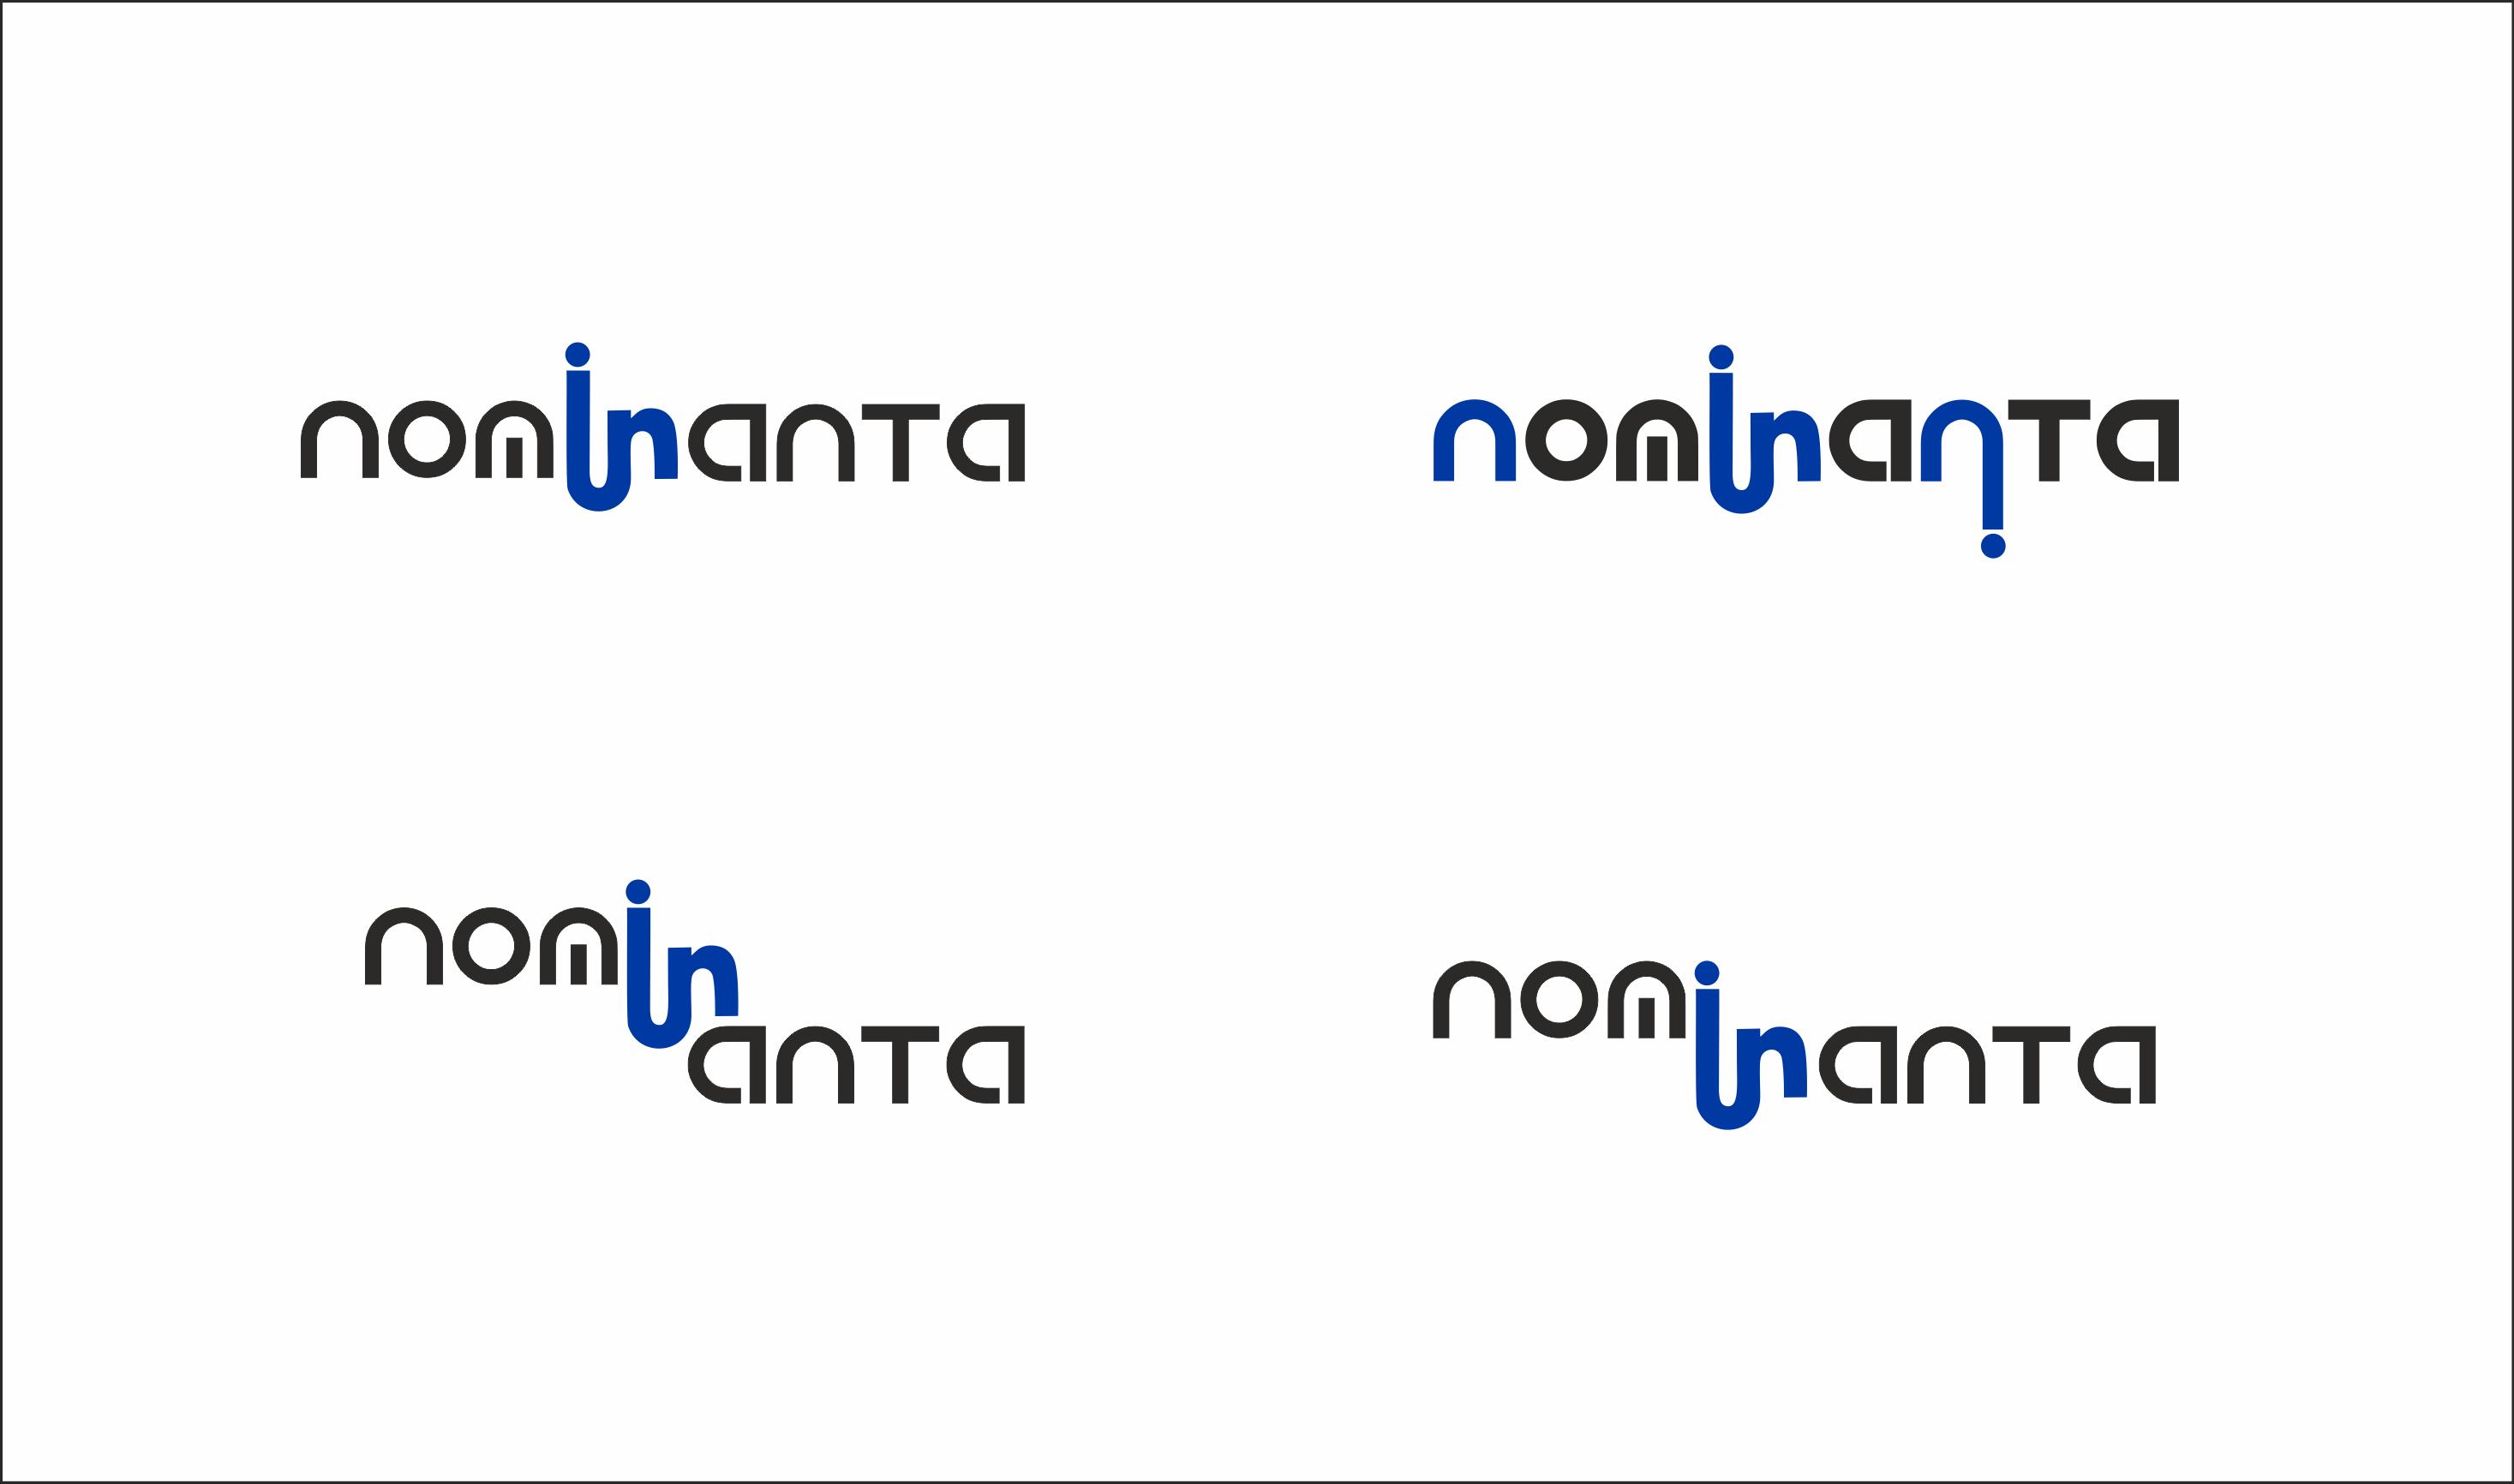 Разработать логотип для КБ по разработке электроники фото f_2555e402aaf245ad.png